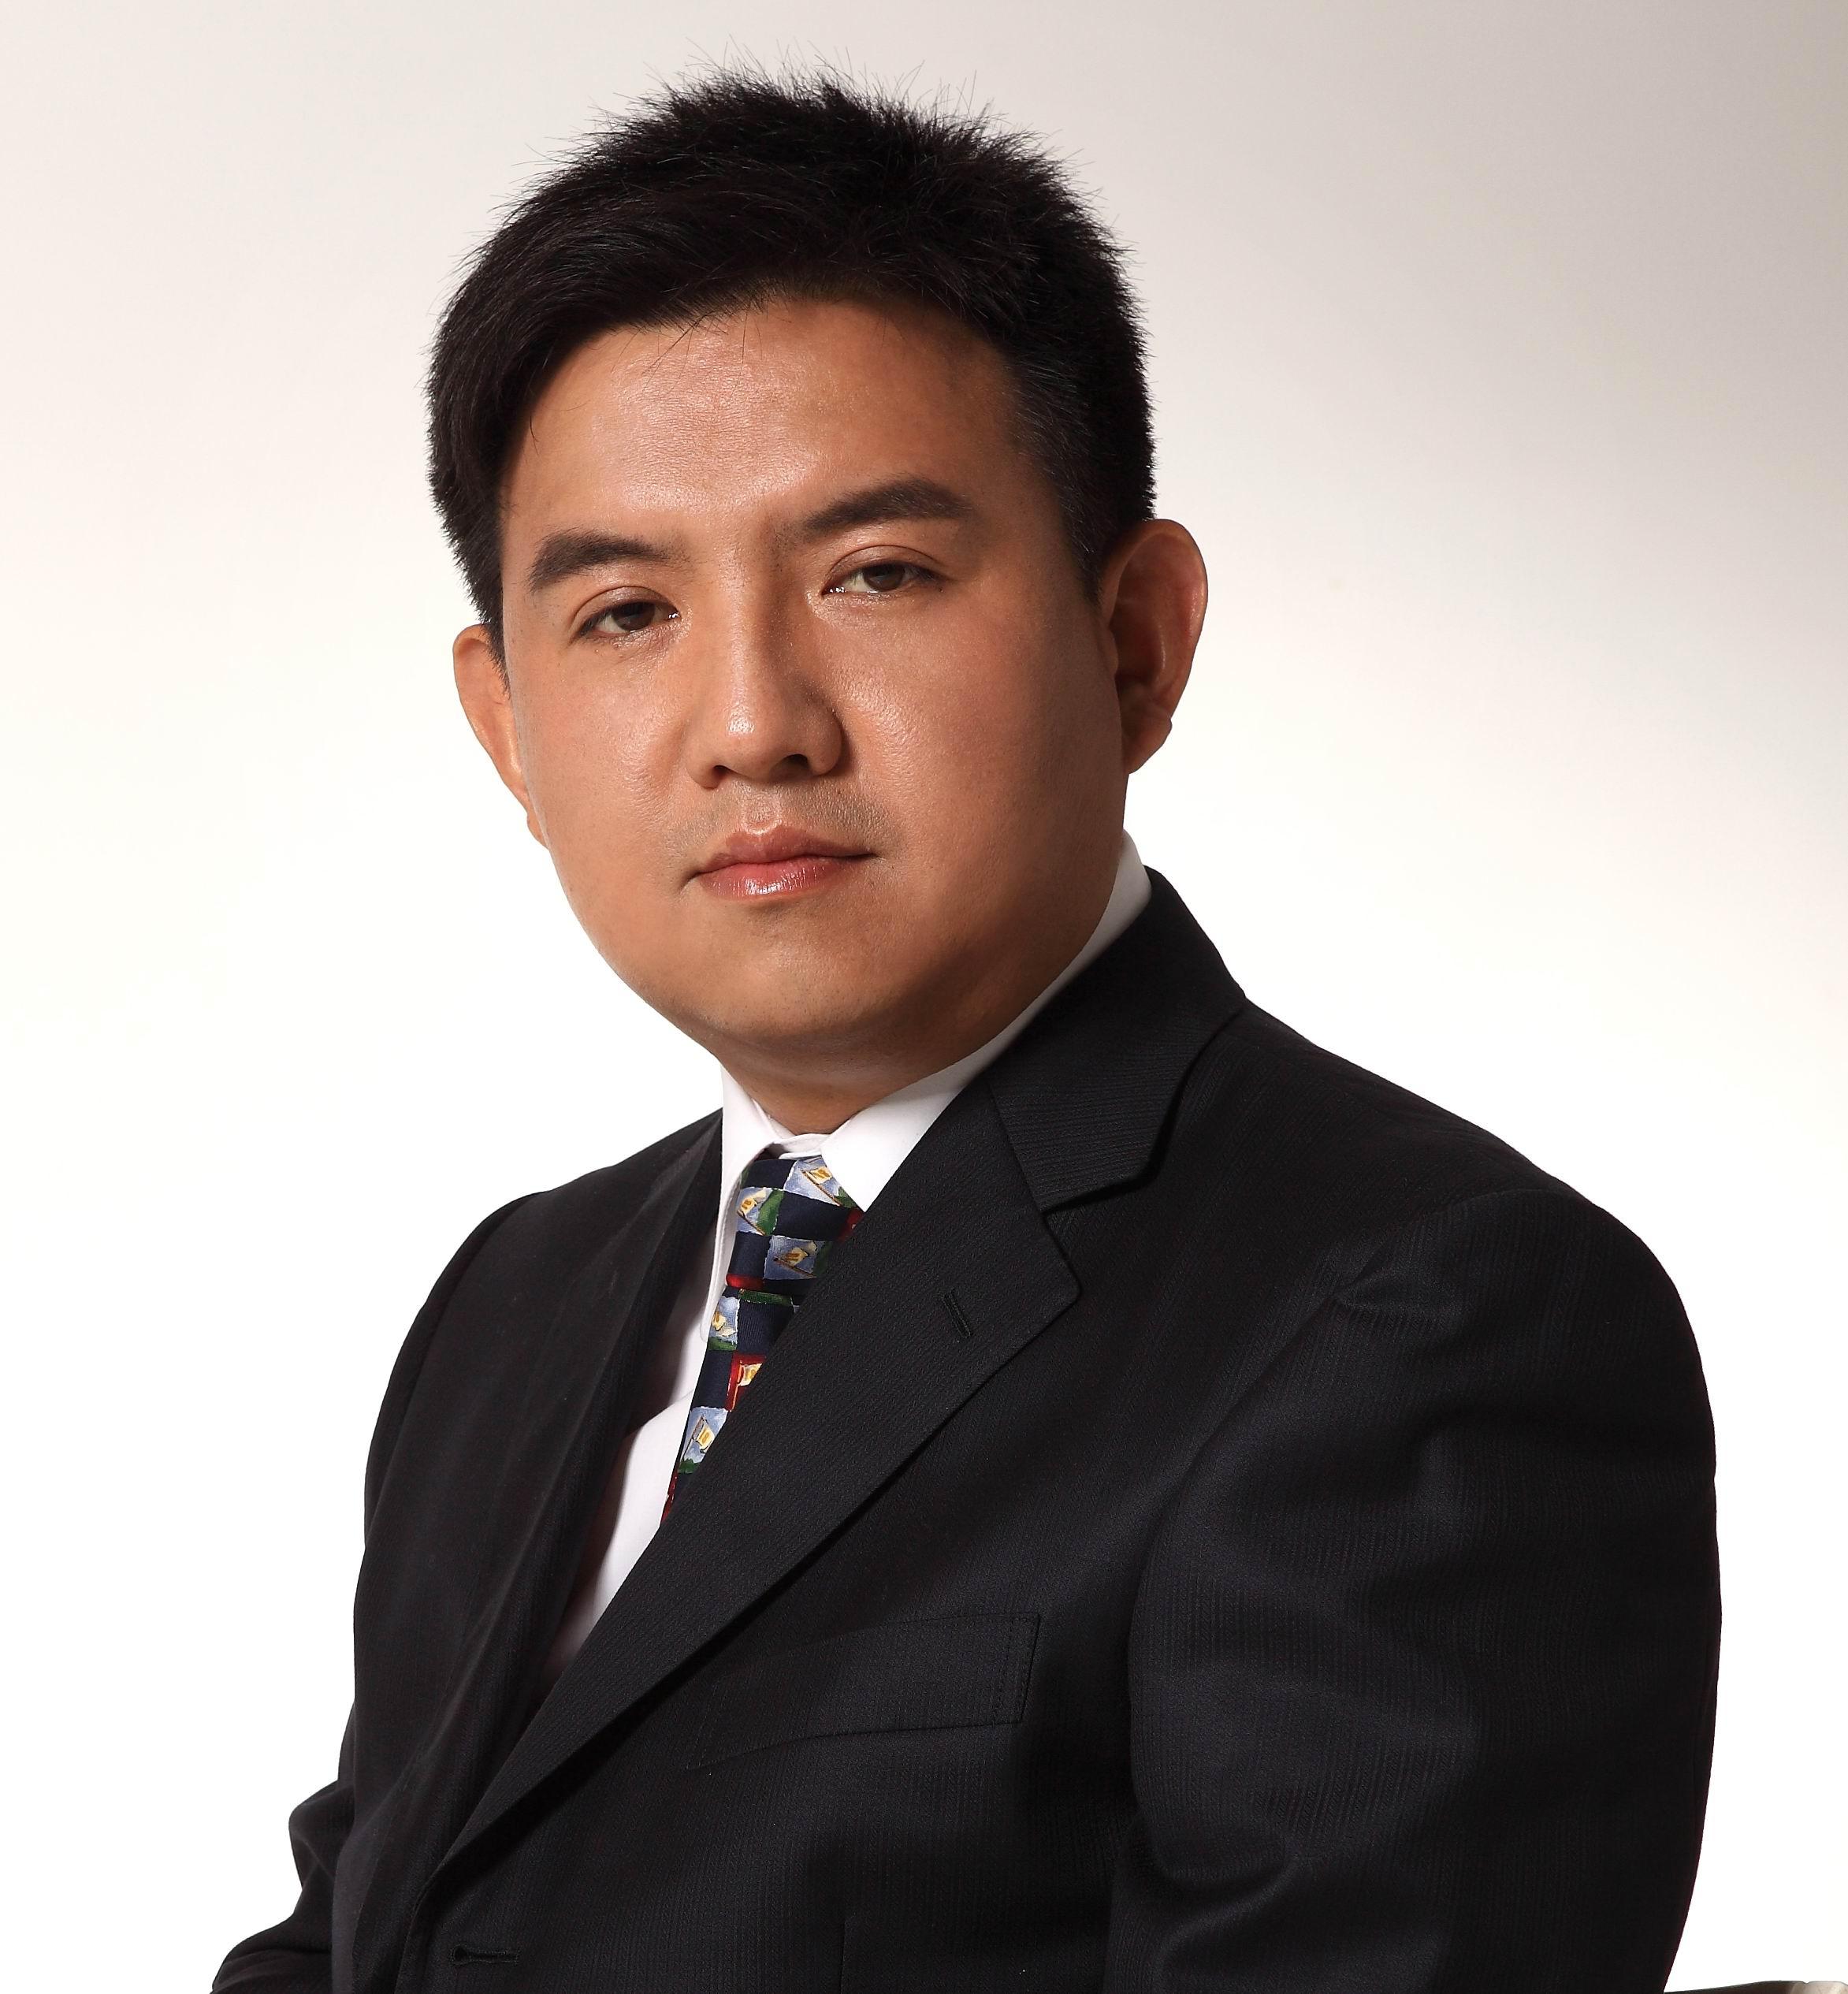 美国电影分级标记_电影审查或电影分级:中美比较法视角的研究-法律服务-北京